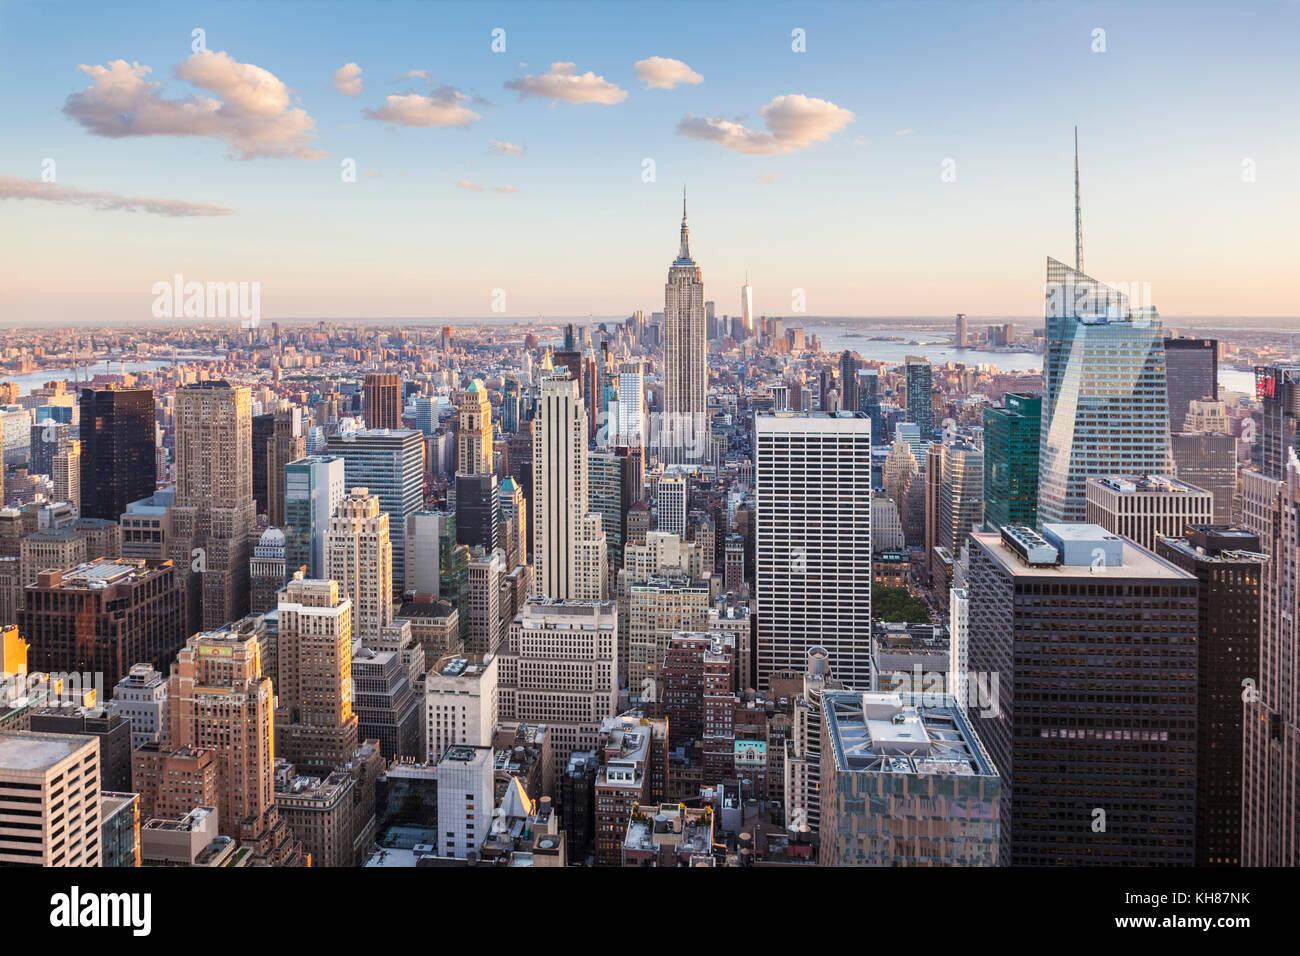 Vista dello skyline di Manhattan, New York skyline, Empire State Building di New York City, Stati Uniti d'America, Immagini Stock